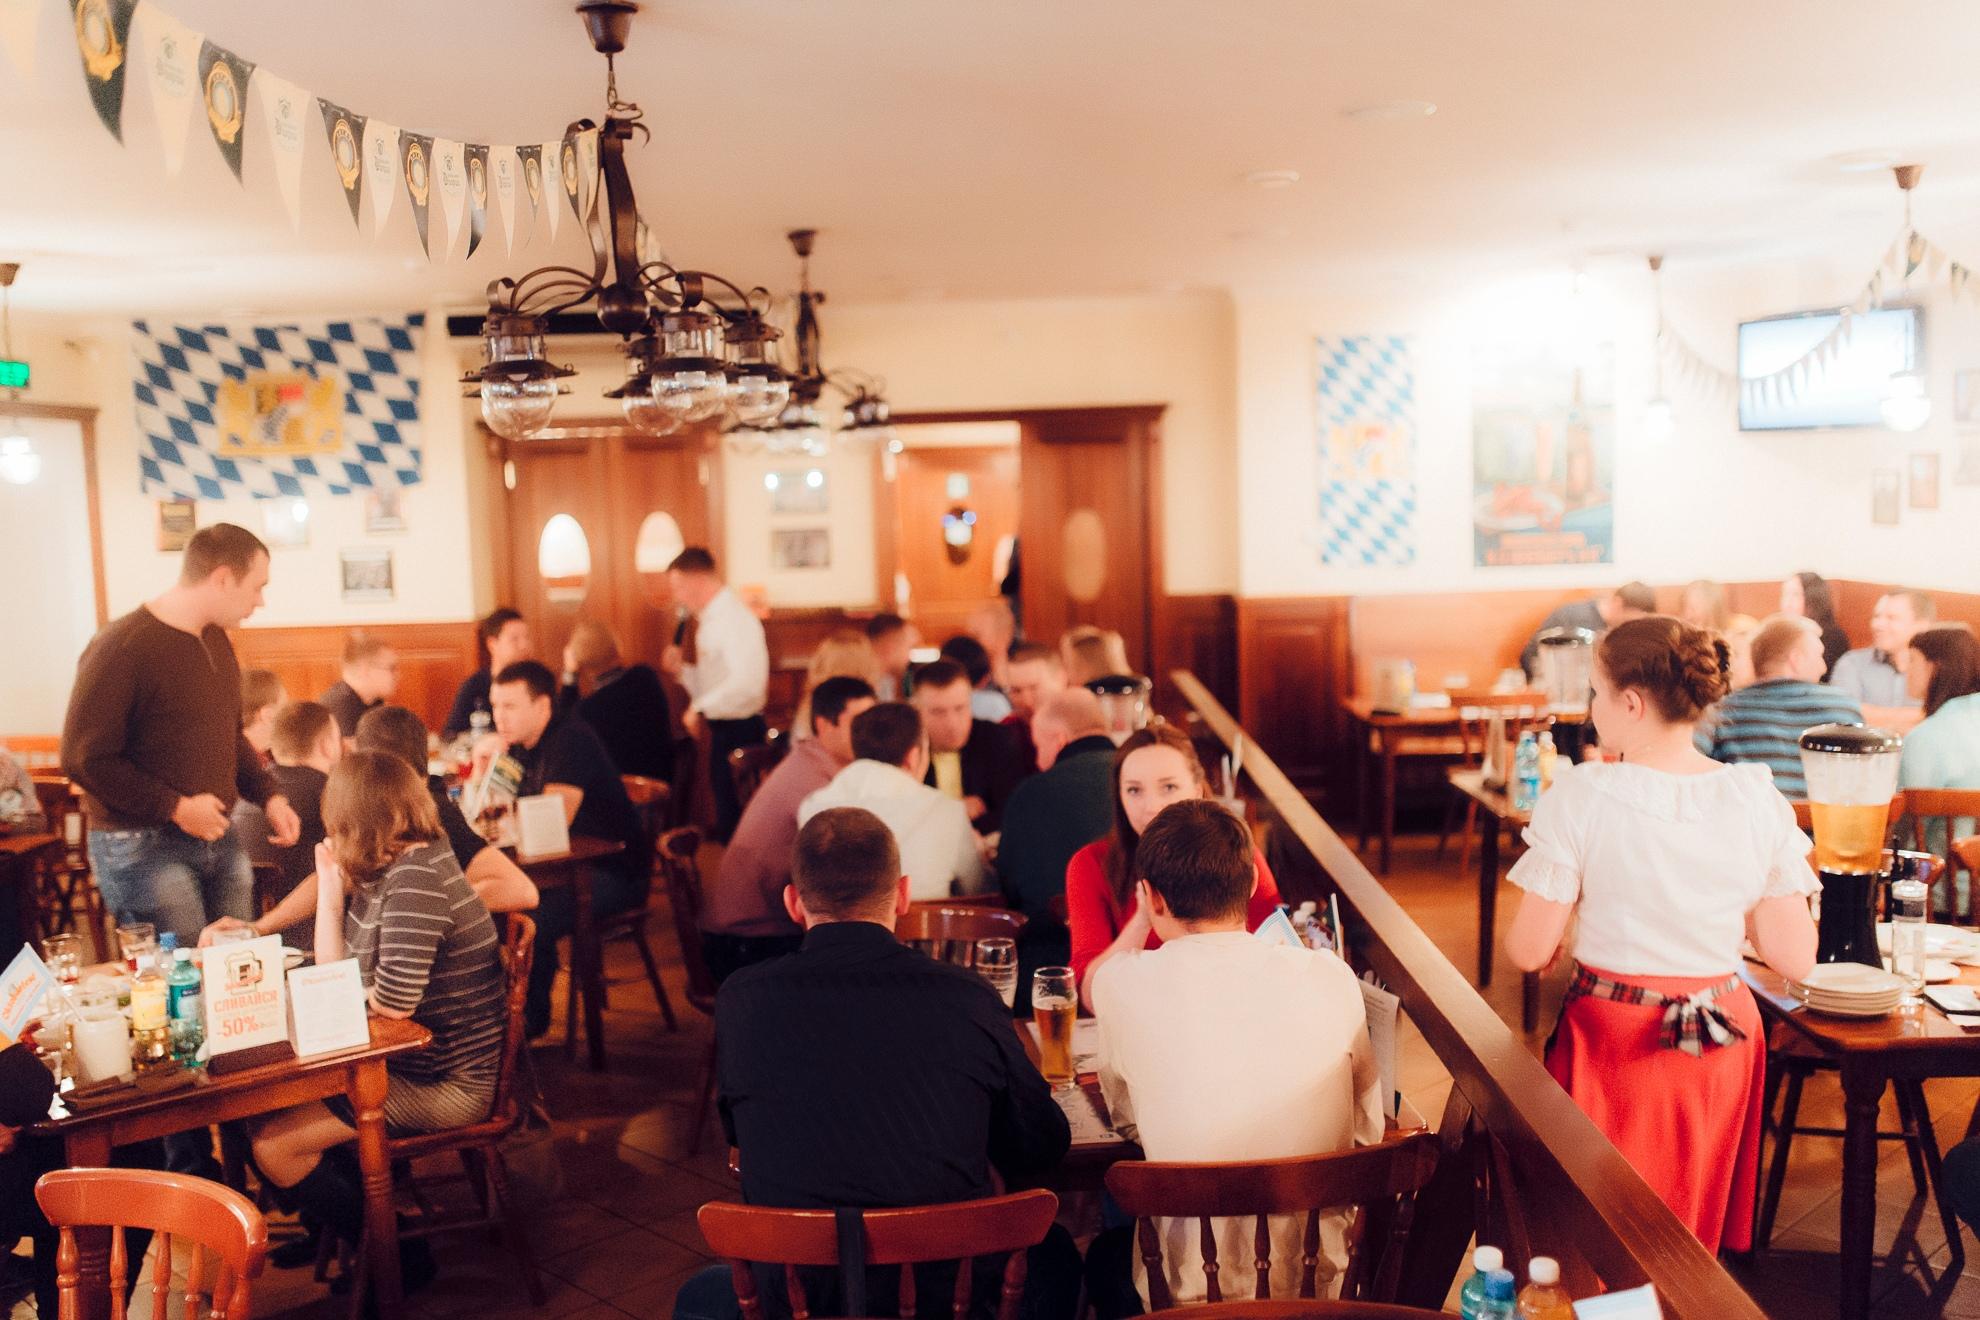 Ресторан «Пивной дворик» - Вконтакте